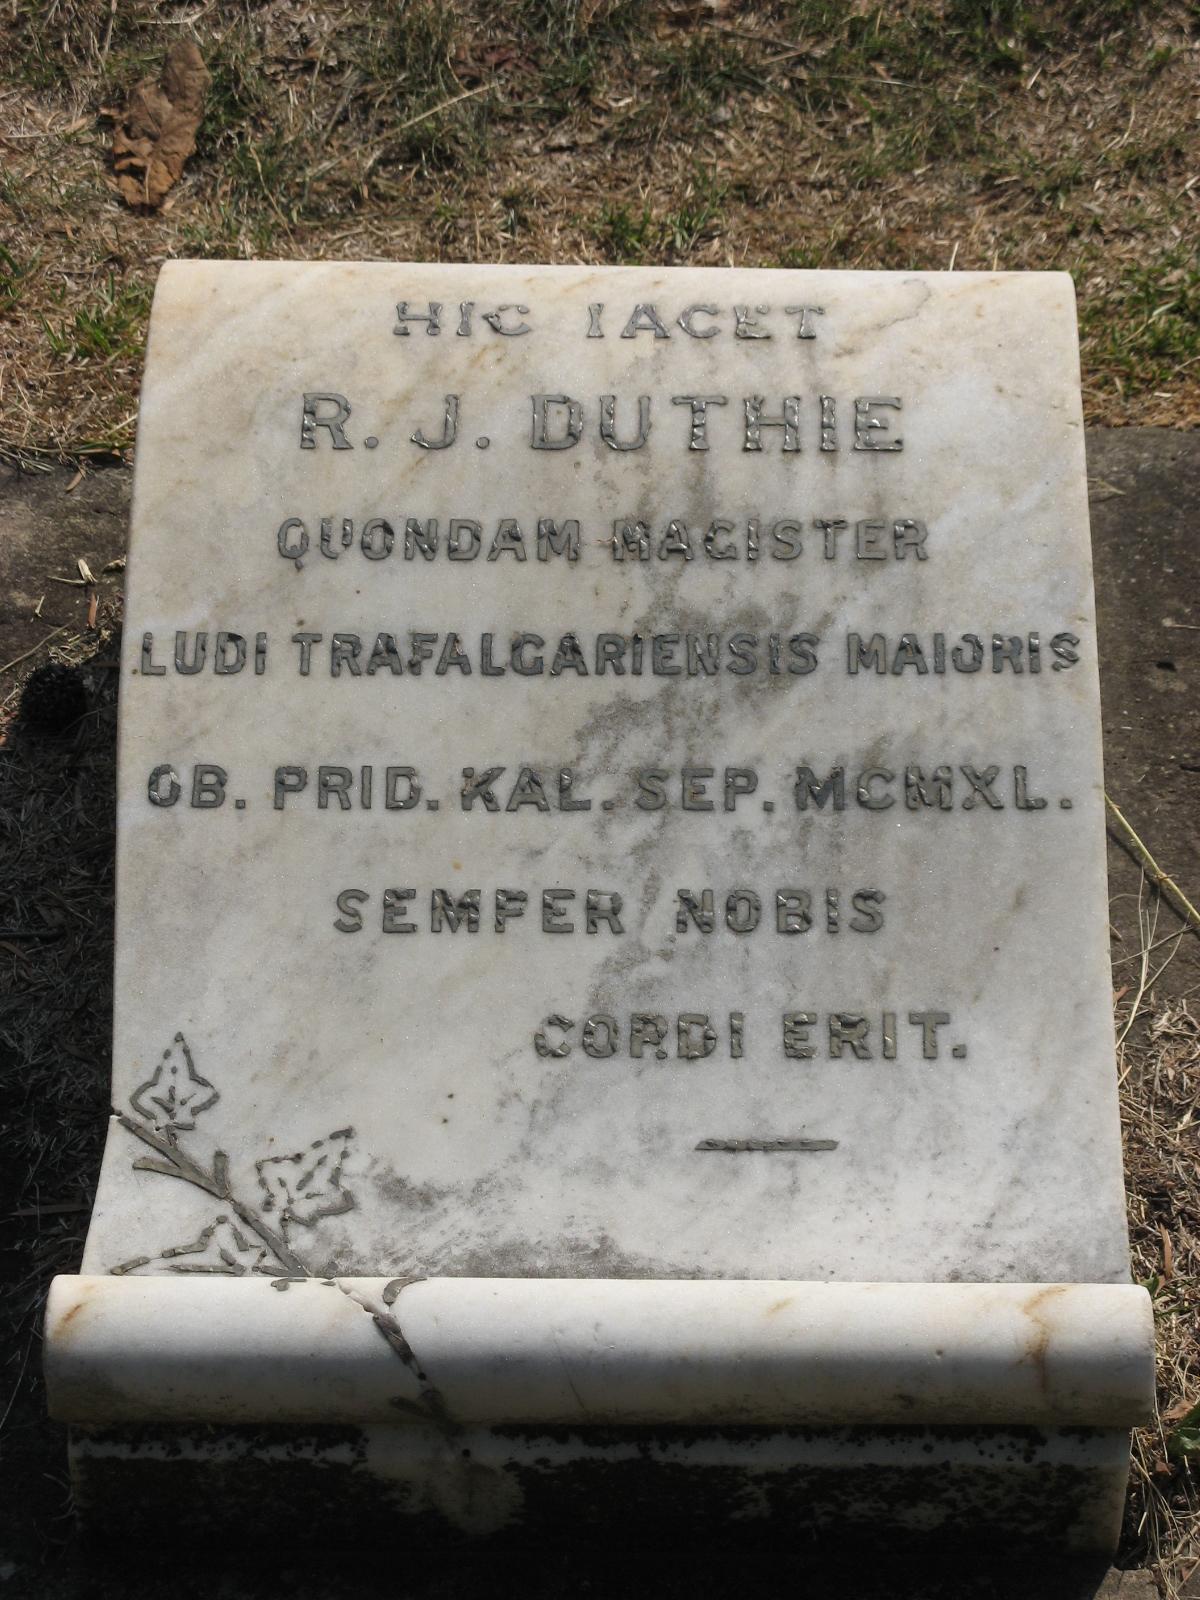 Duthie, R. J.